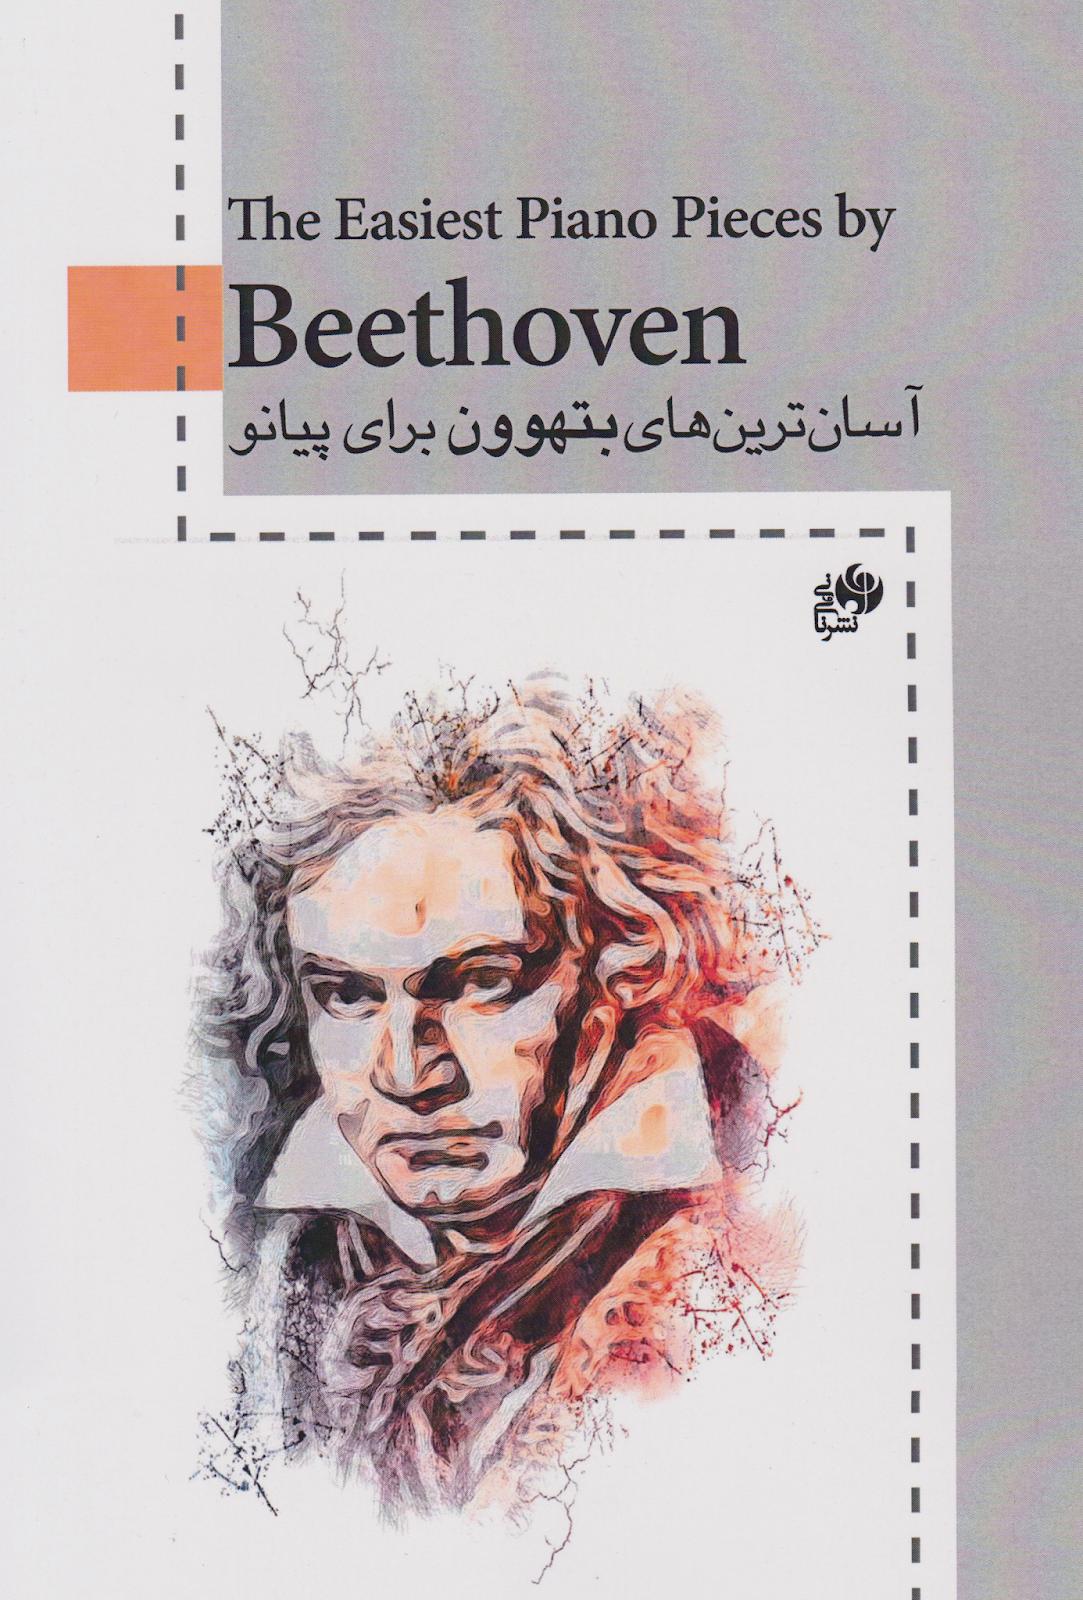 کتاب آسانترینهای بتهوون برای پیانو انتشارات نایونی